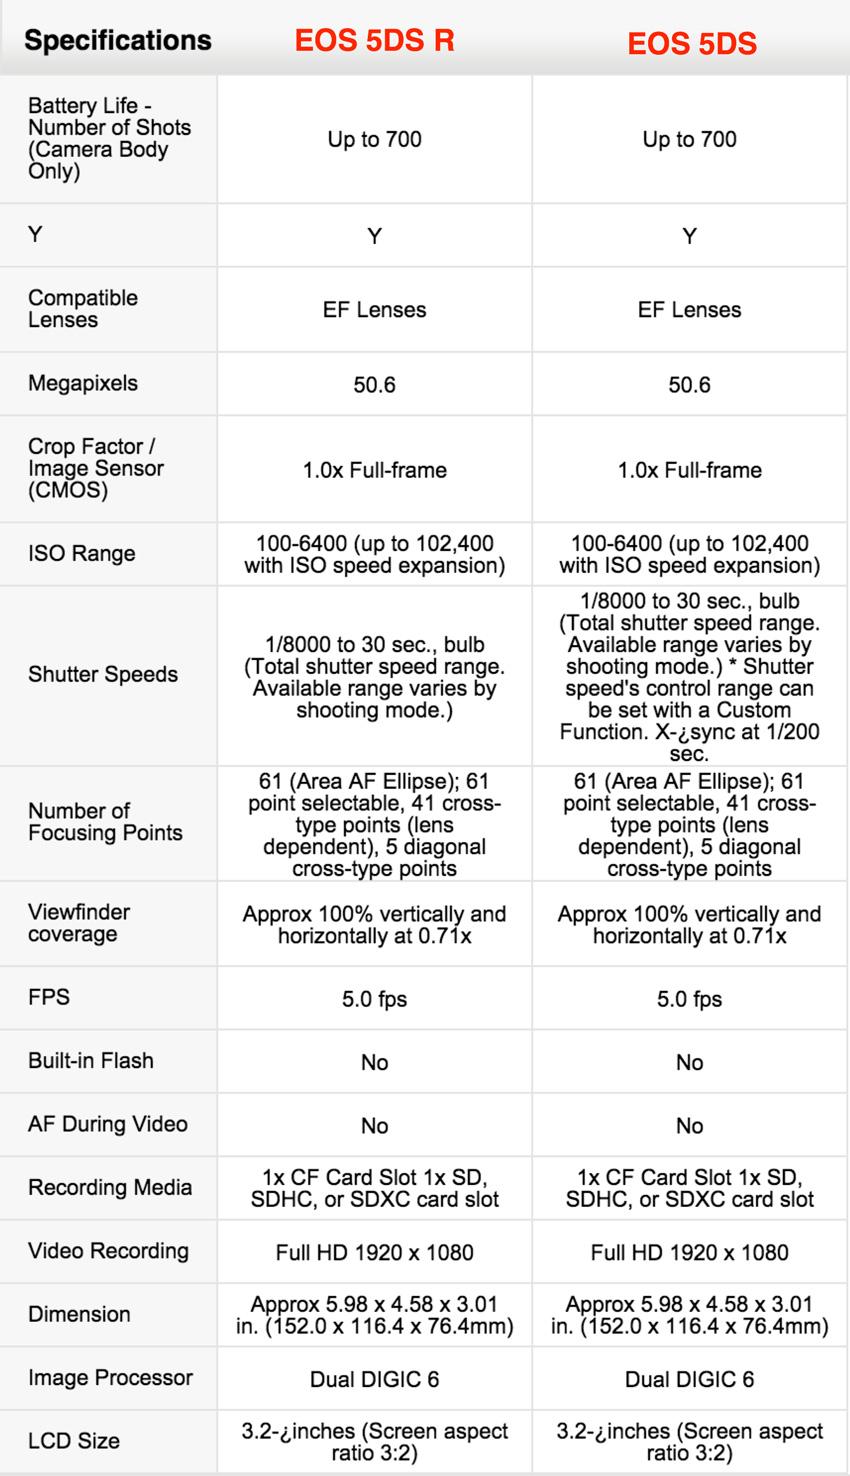 Canon-EOS-5DS-R-vs-Canon-EOS-5DS_850